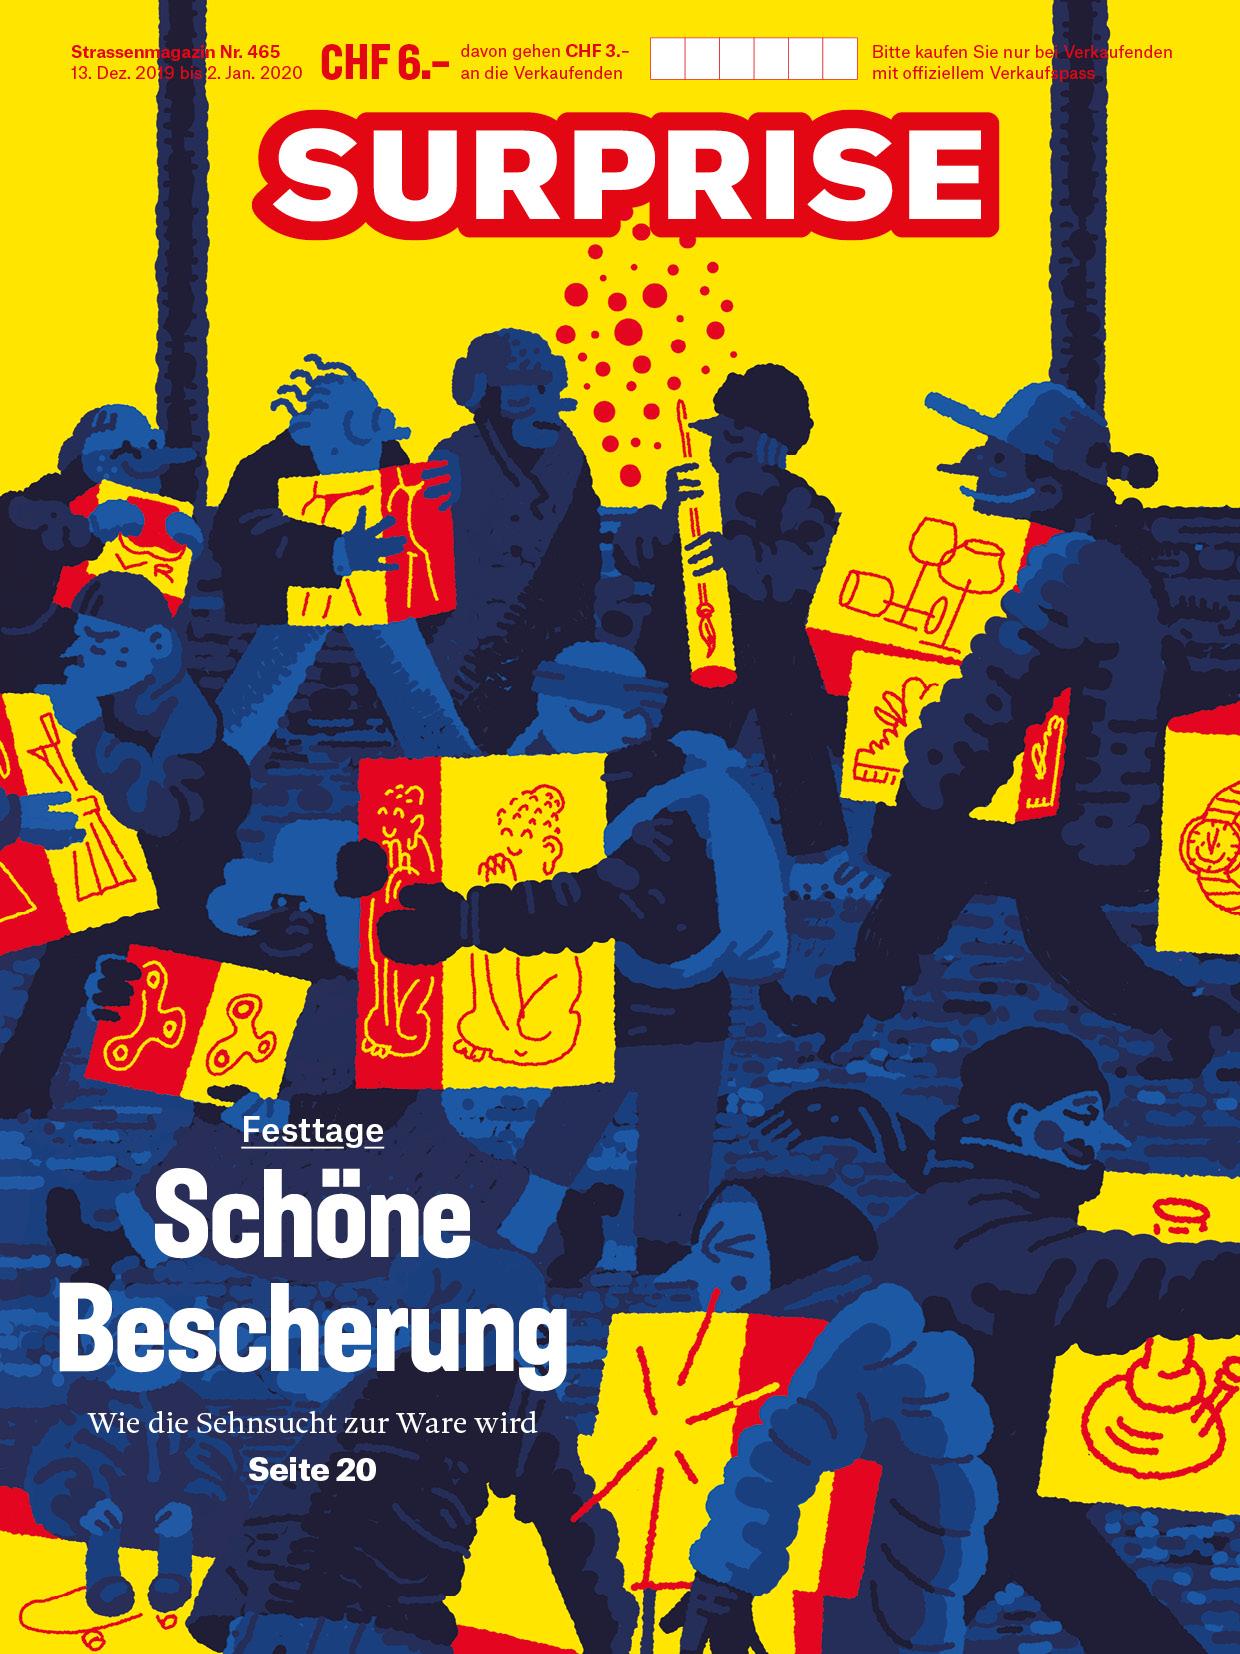 Titelseite Strassenmagazin Surprise, Schöne Bescherung, Illustration Michael Kühni